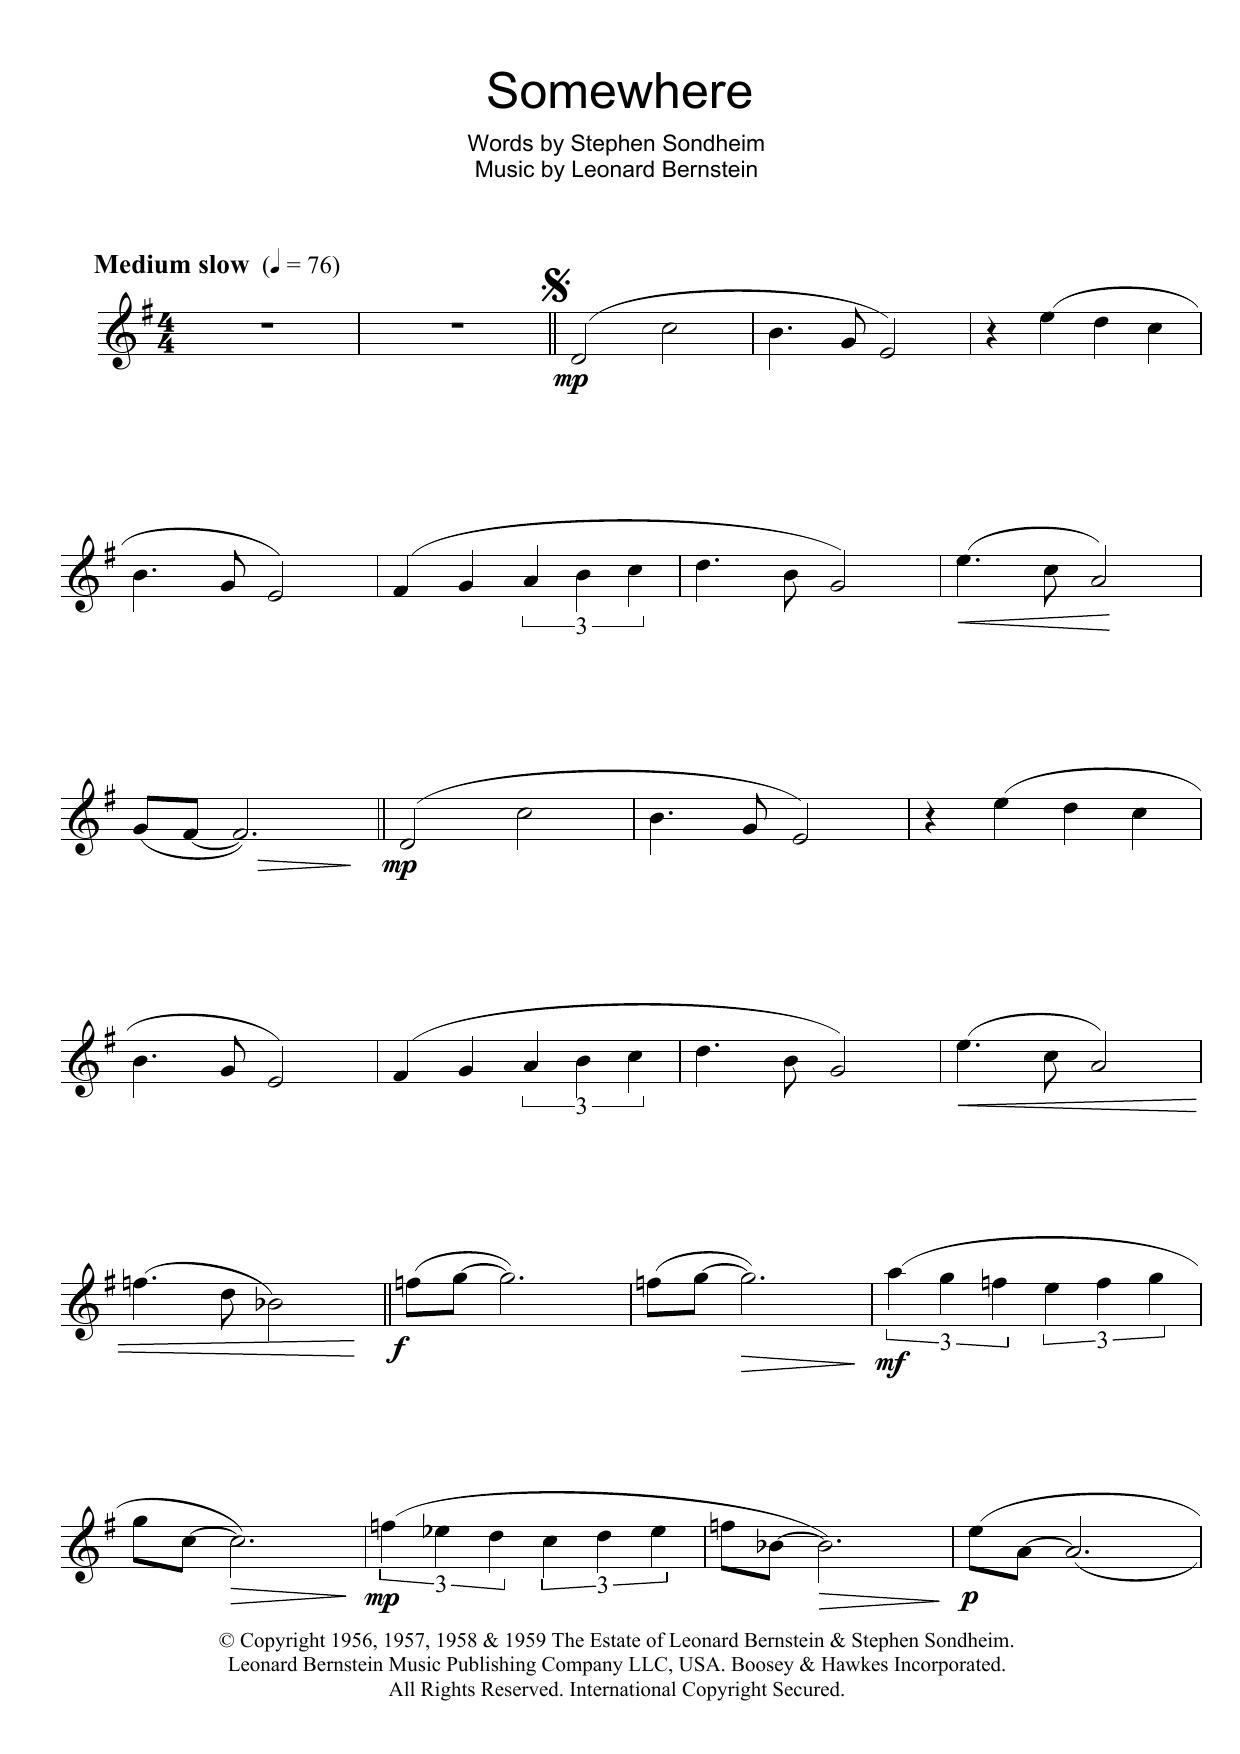 Leonard Bernstein - Somewhere (from West Side Story)